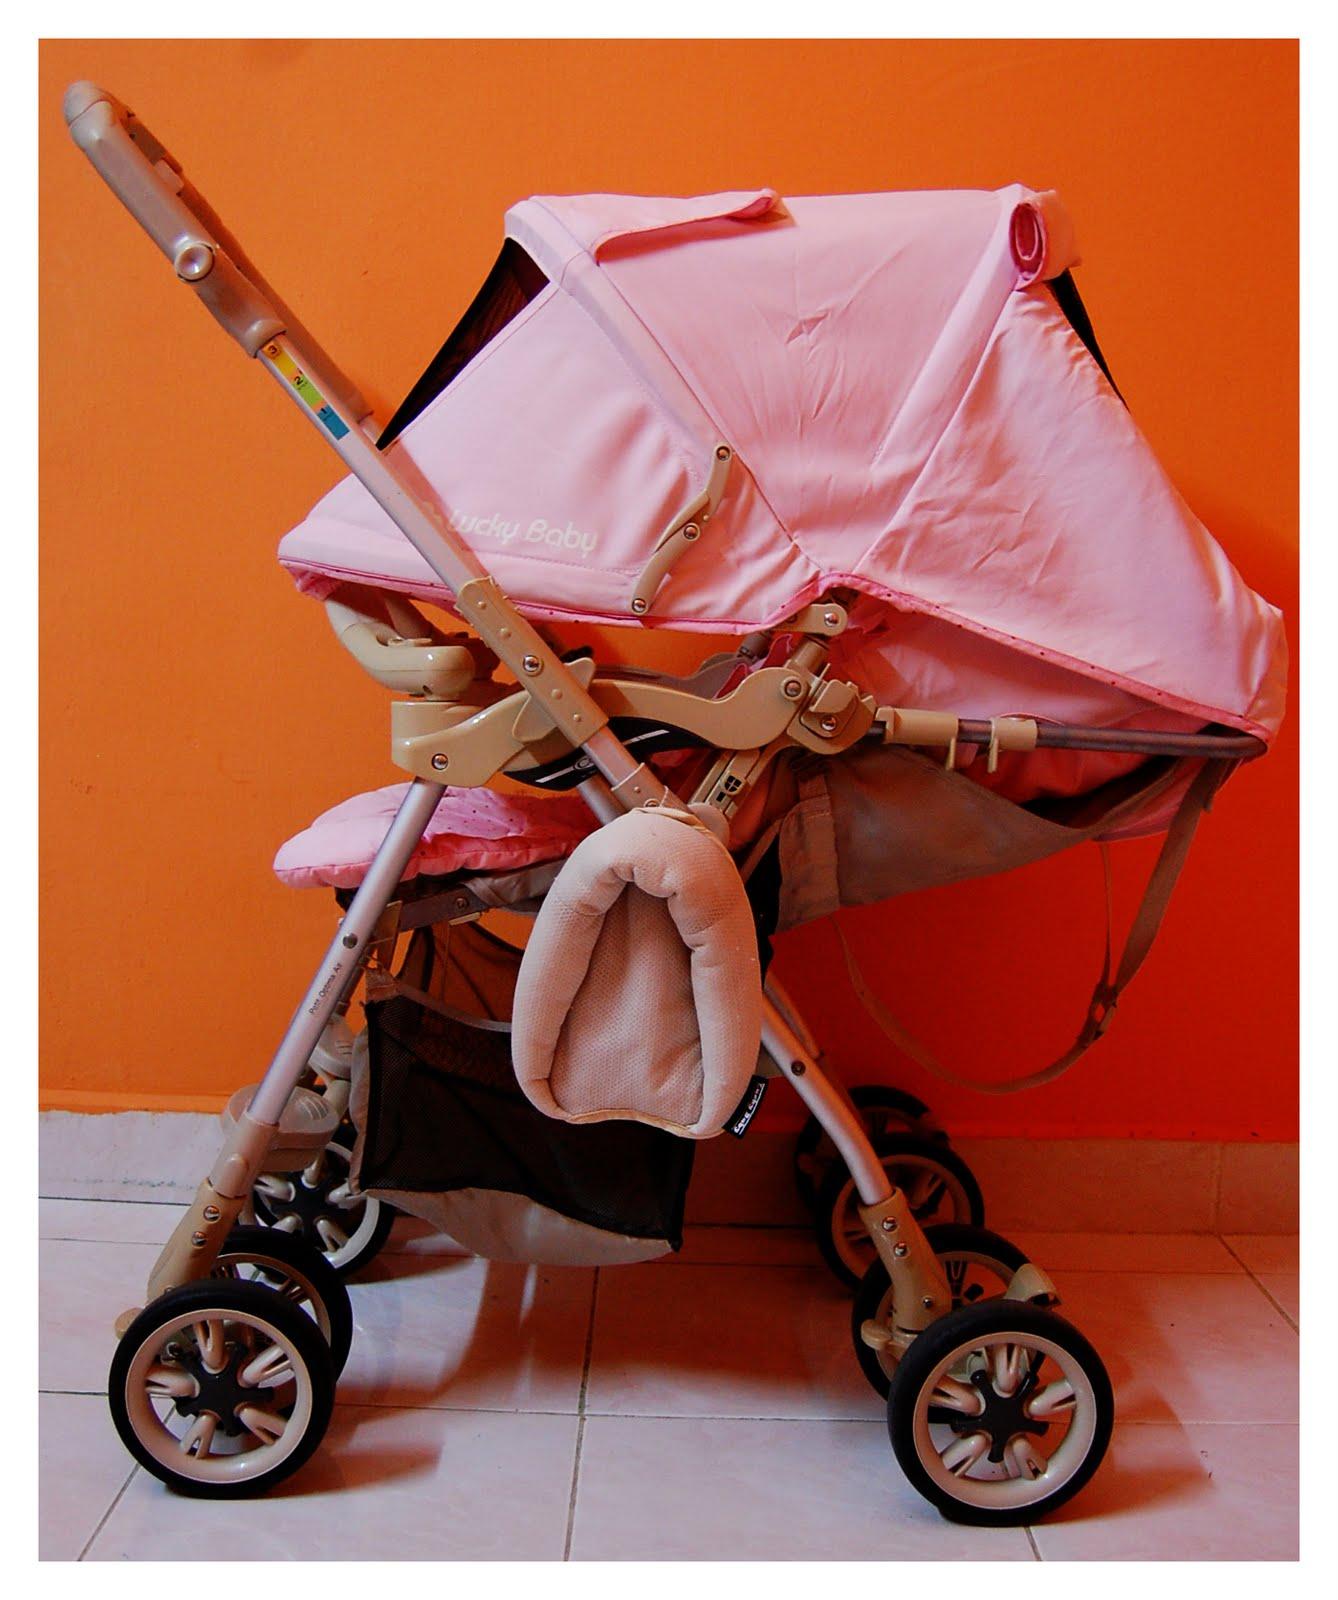 http://3.bp.blogspot.com/_C0QNw2gW8G4/TLz7oIh03kI/AAAAAAAABsk/2k9v5d0b4VA/s1600/lucky+pink+1.jpg